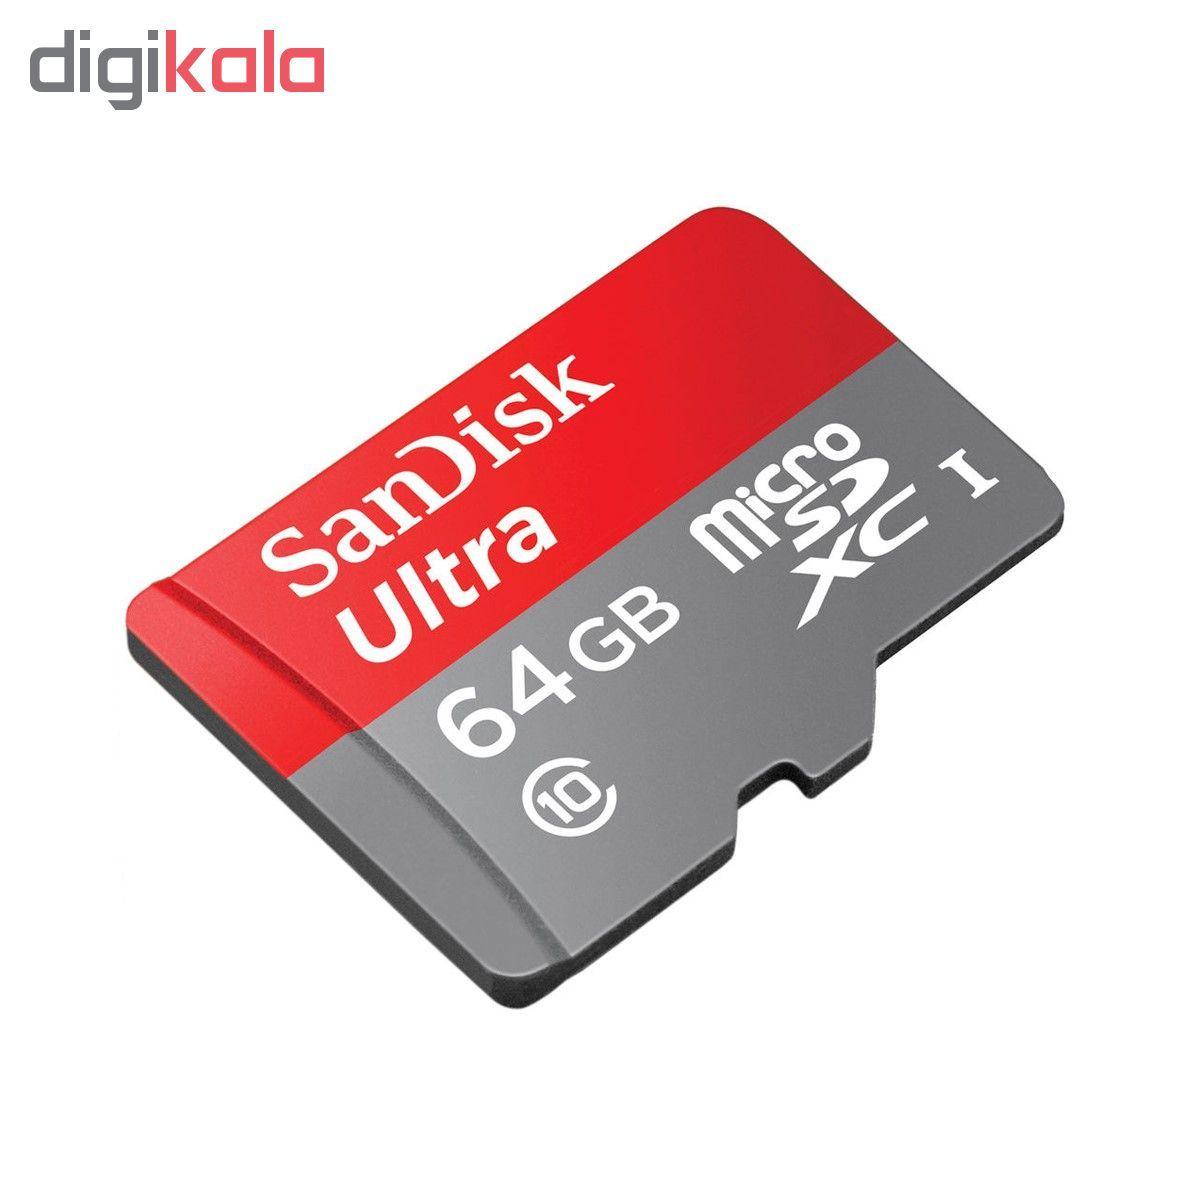 کارت حافظه microSDXC سن دیسک مدل Ultra A1 کلاس 10 استاندارد UHS-I سرعت 100MBps ظرفیت 64 گیگابایت main 1 1